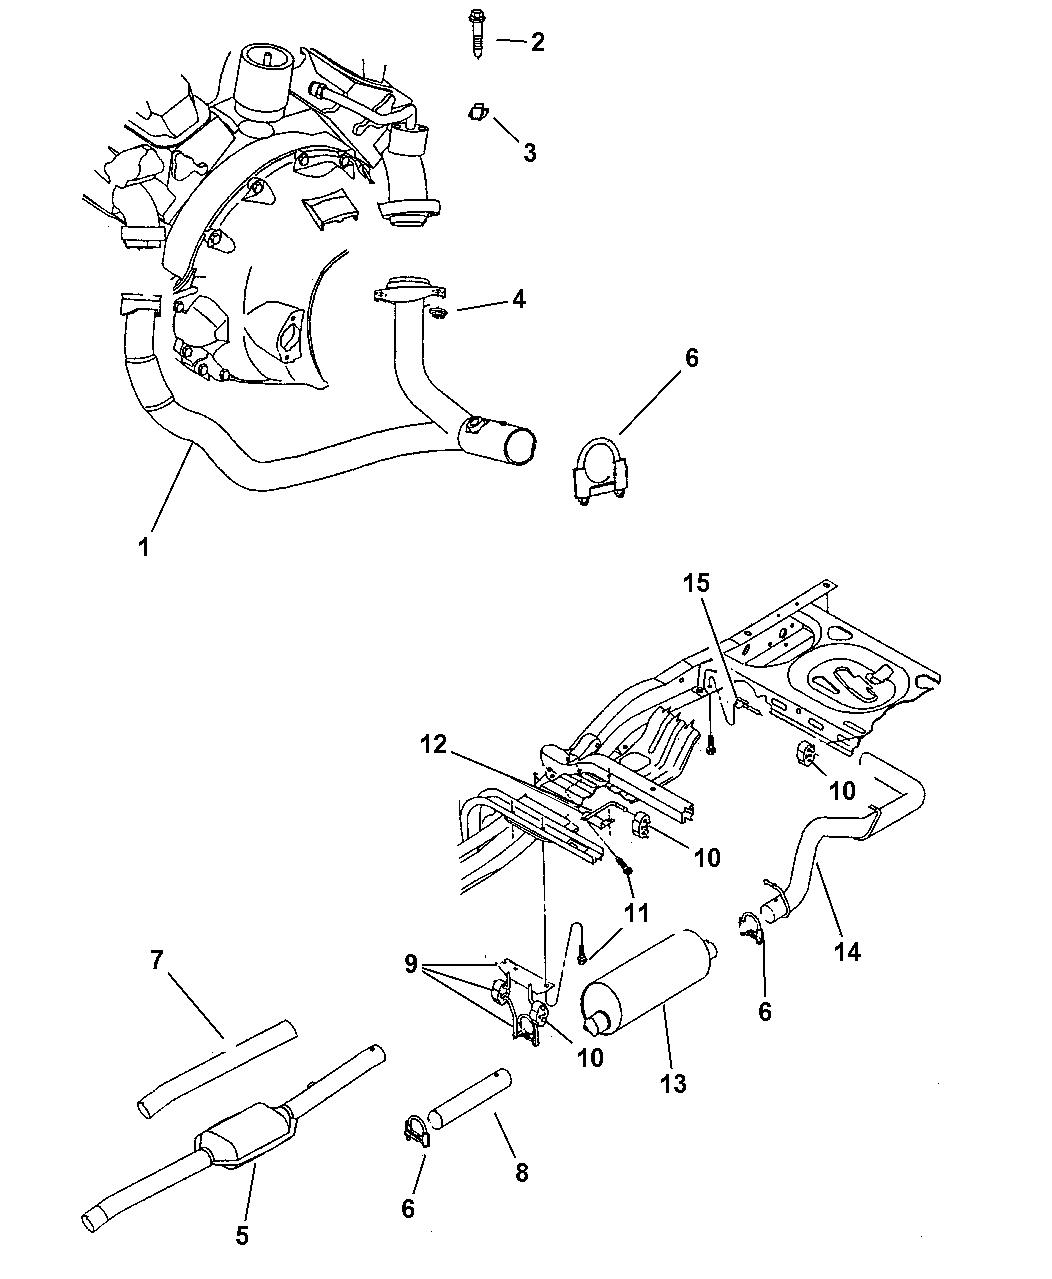 1998 Dodge Dakota Exhaust System - Mopar Parts Giant